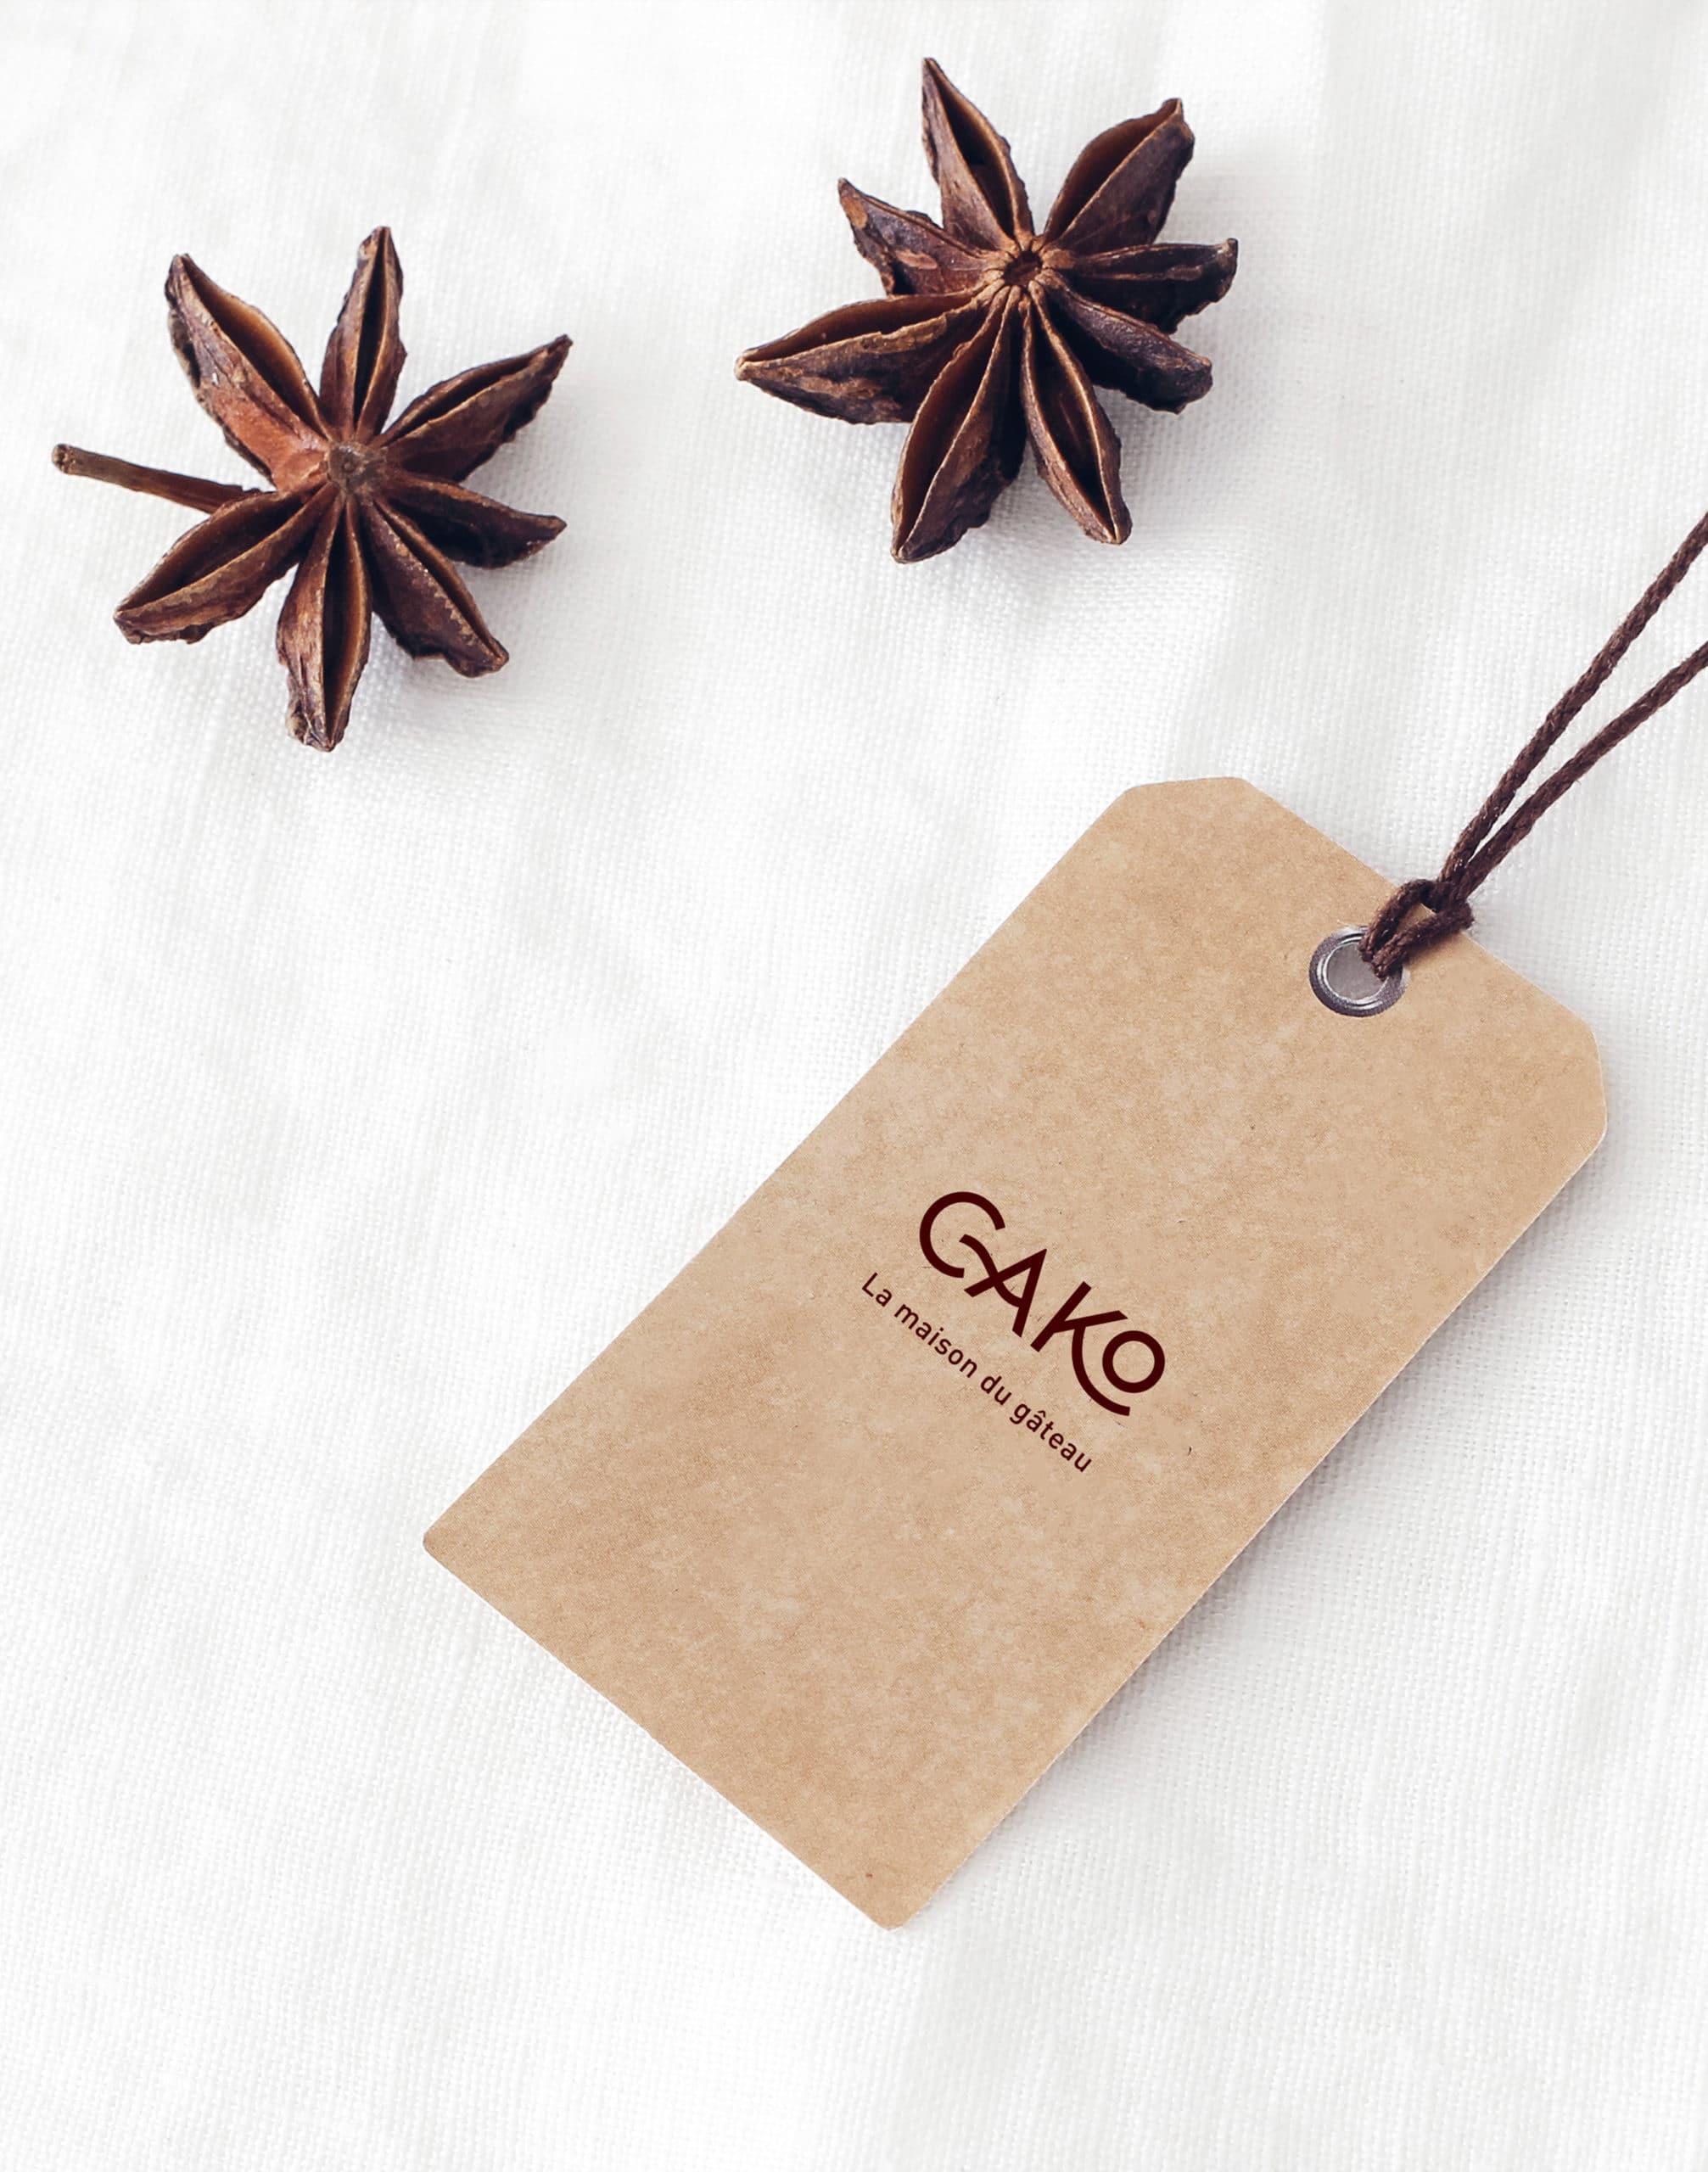 etiquette de la boutique cako, la maison du gateau